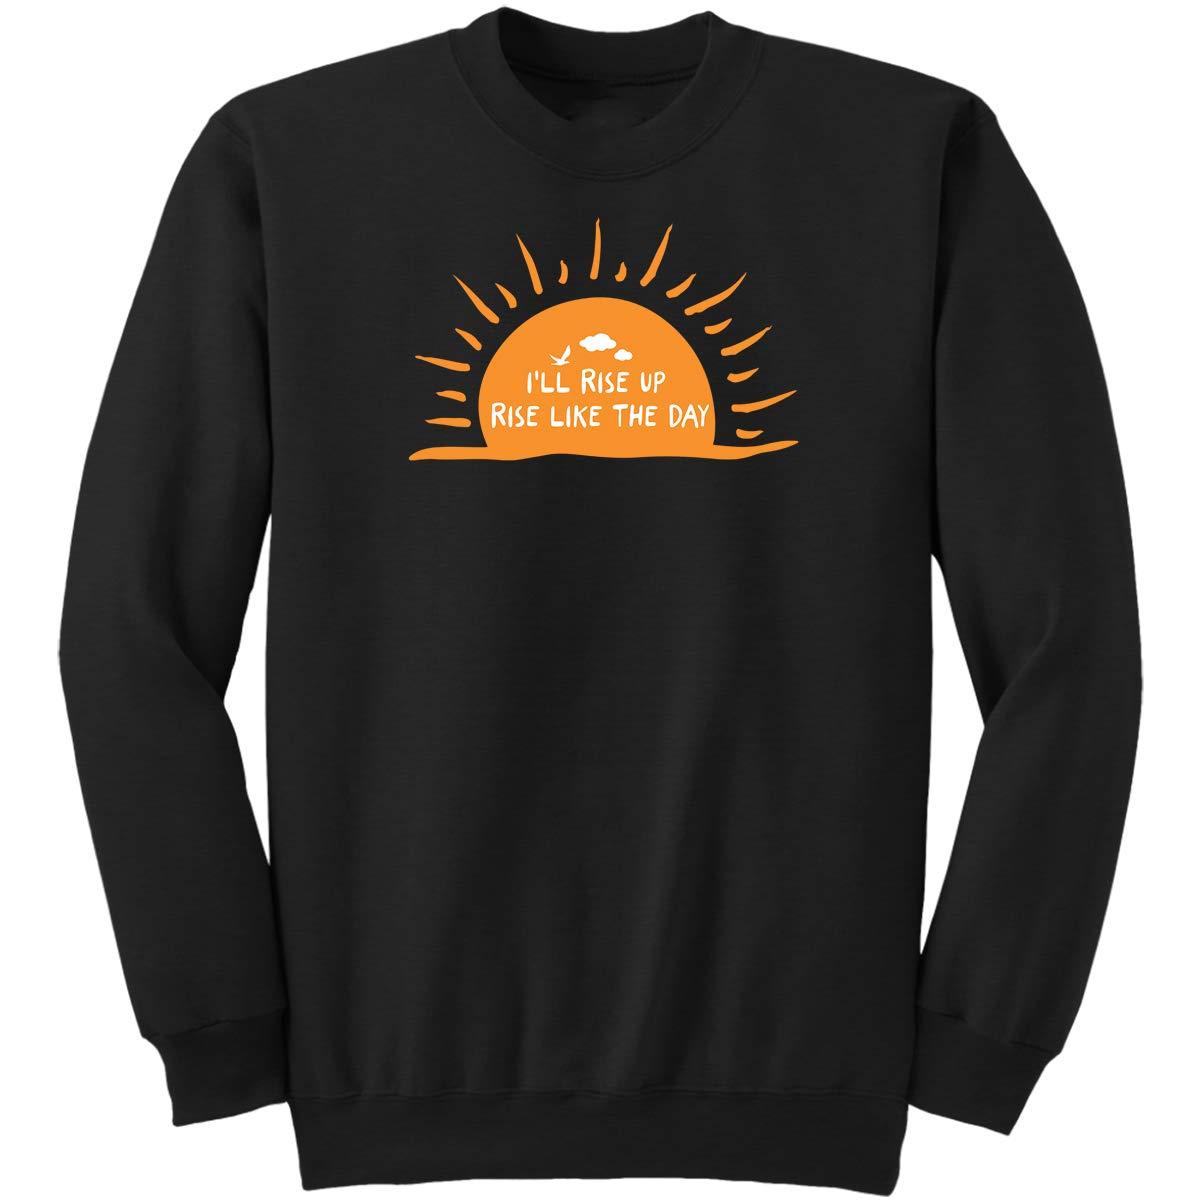 DoozyGifts99 Ill Rise Up Rise Like The Day-Feminist Sweatshirt